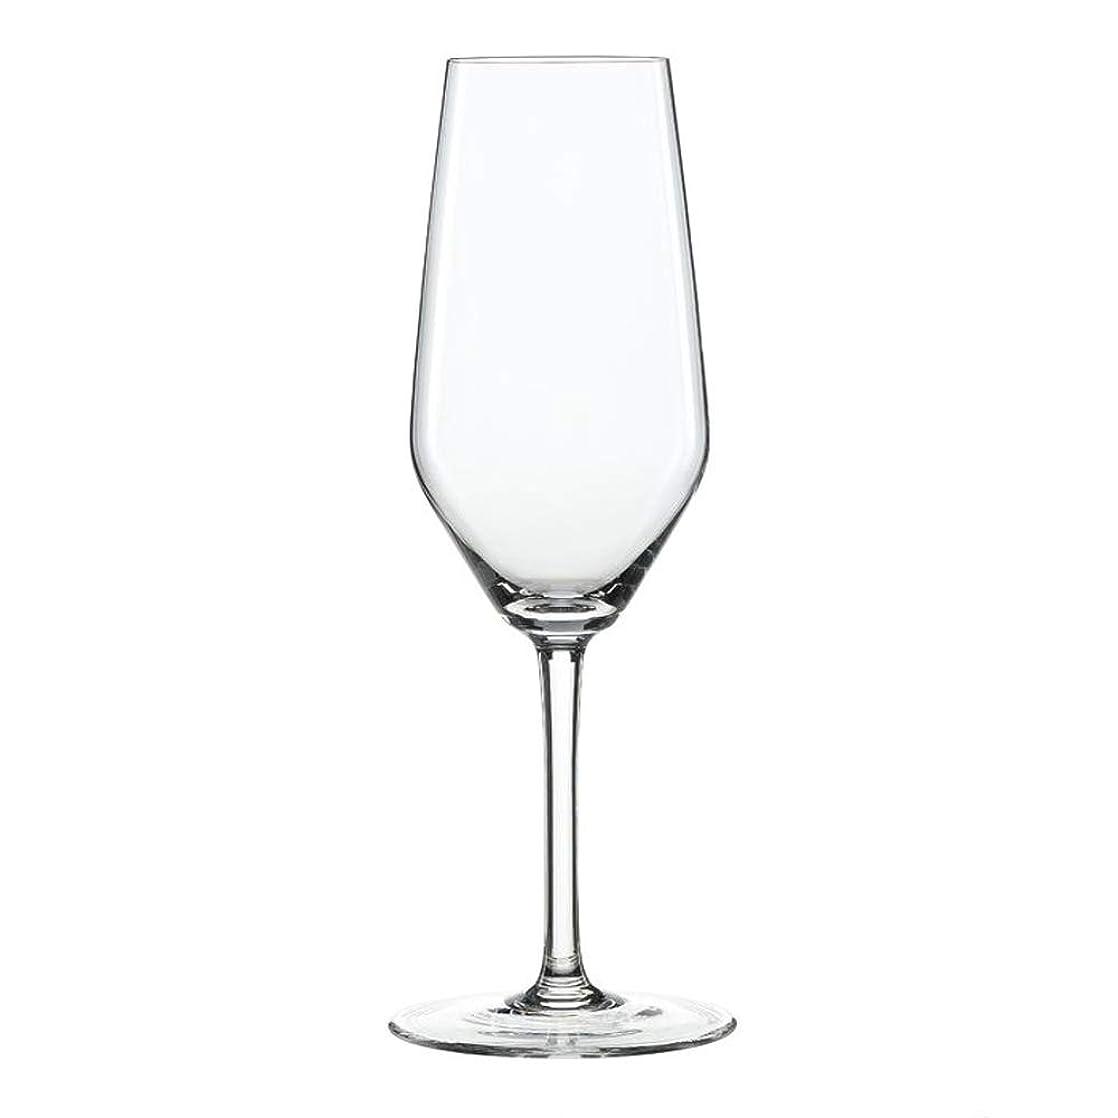 発症言語唯物論(Champagne Flutes) - Spiegelau 4670187 15.2 x 15.2 x 23.4 cm Style Champagne Flute Glass, Set of 4, Transparent